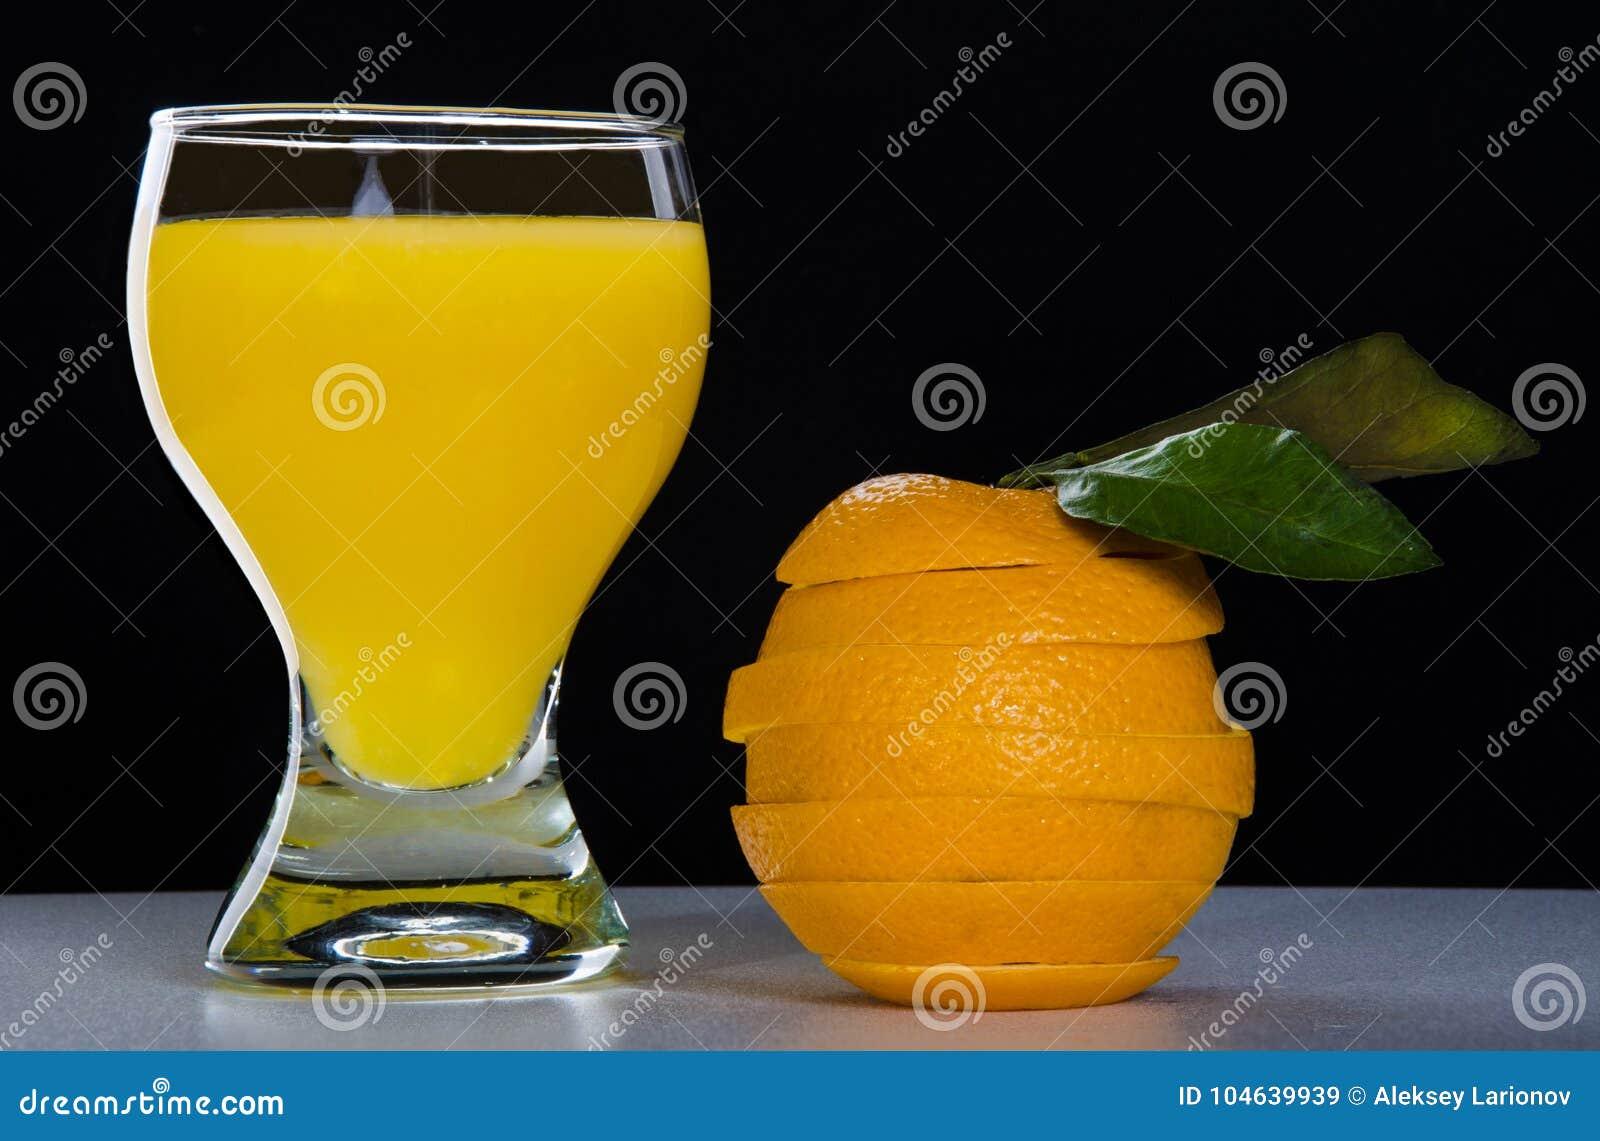 Download Glas Met Jus D'orange, Een Besnoeiingssinaasappel Stock Afbeelding - Afbeelding bestaande uit schuim, glas: 104639939